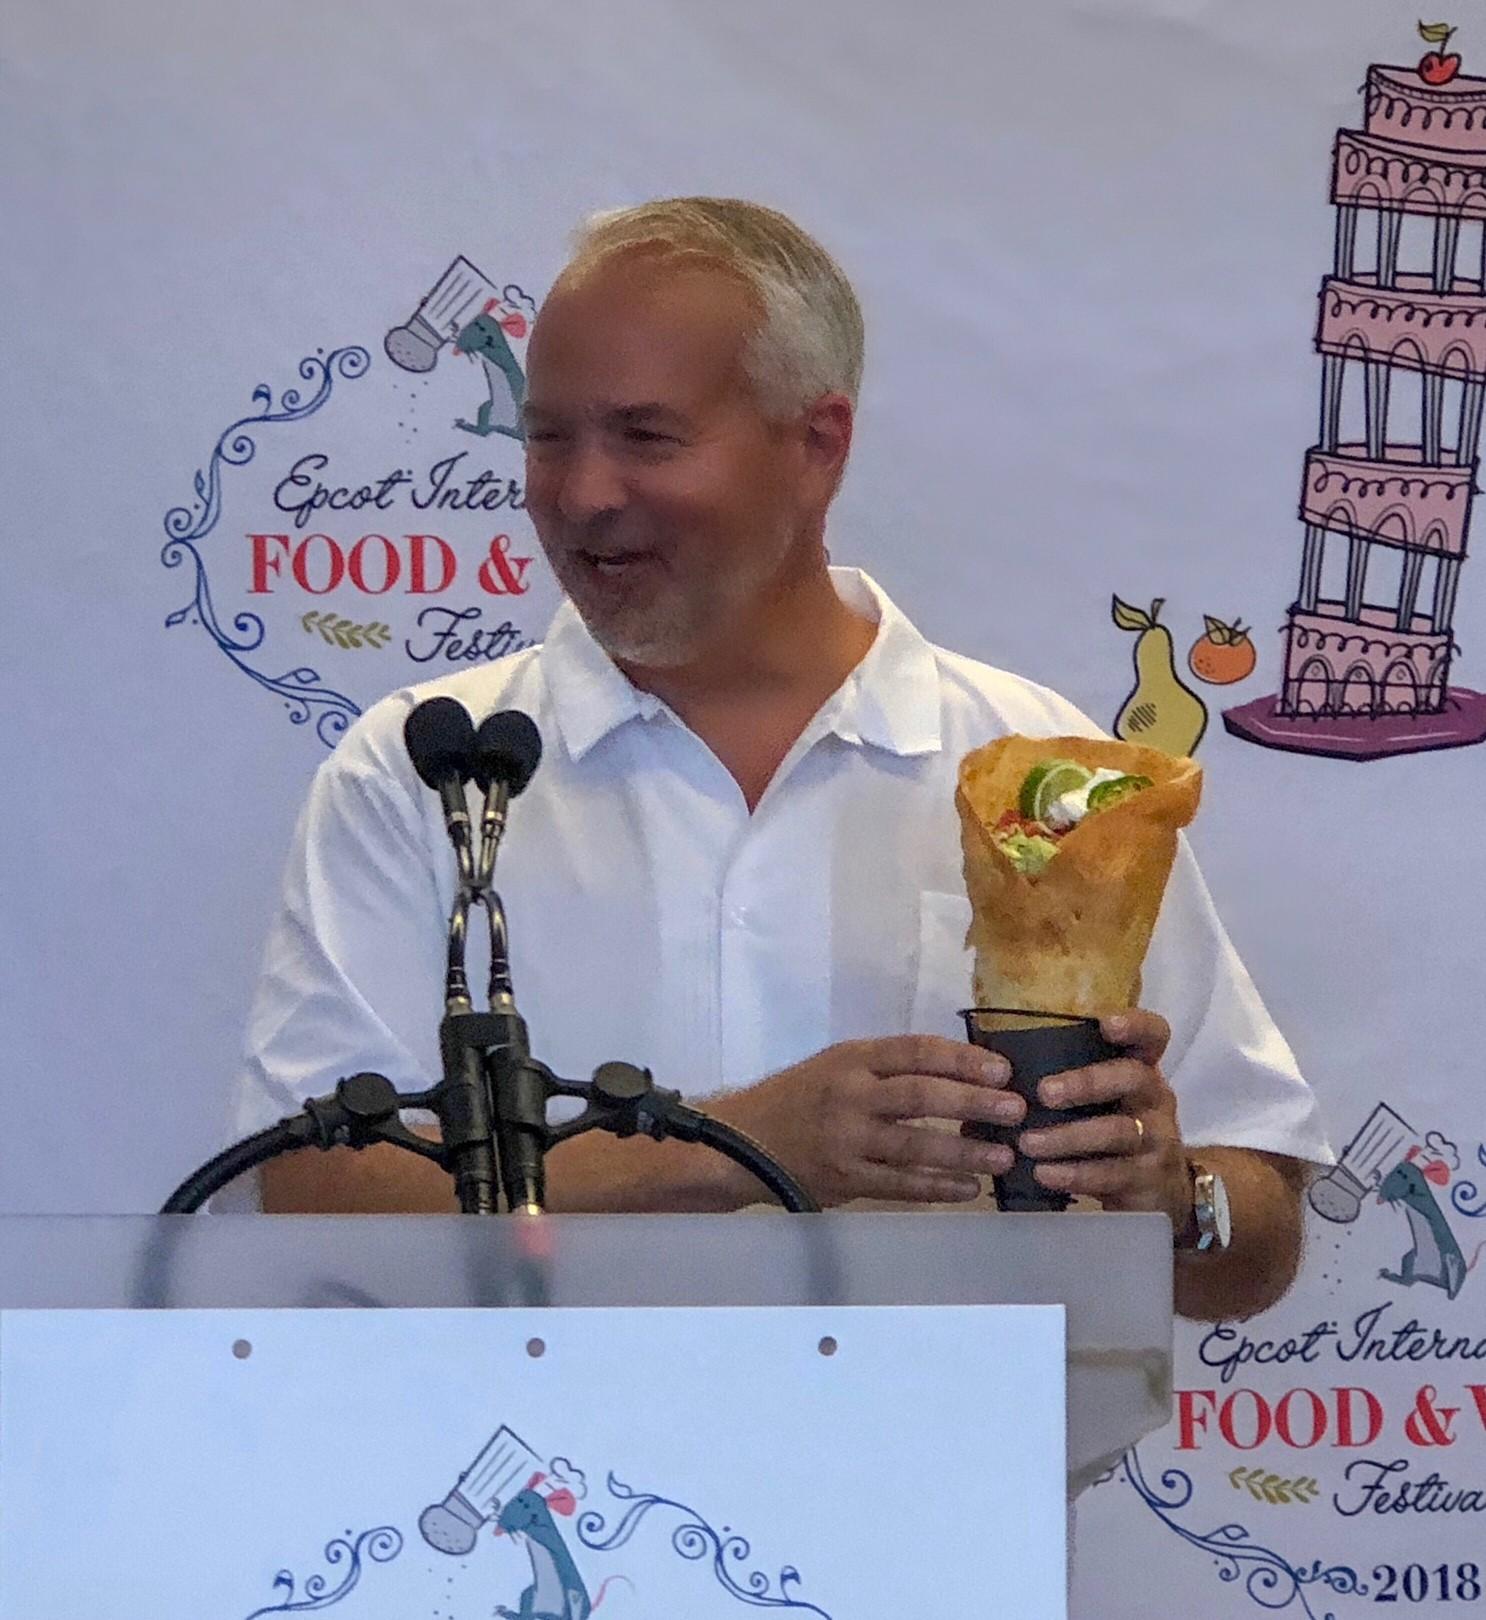 John Rivers apresentando sua criação no Epcot International Food & Wine Festival 2018